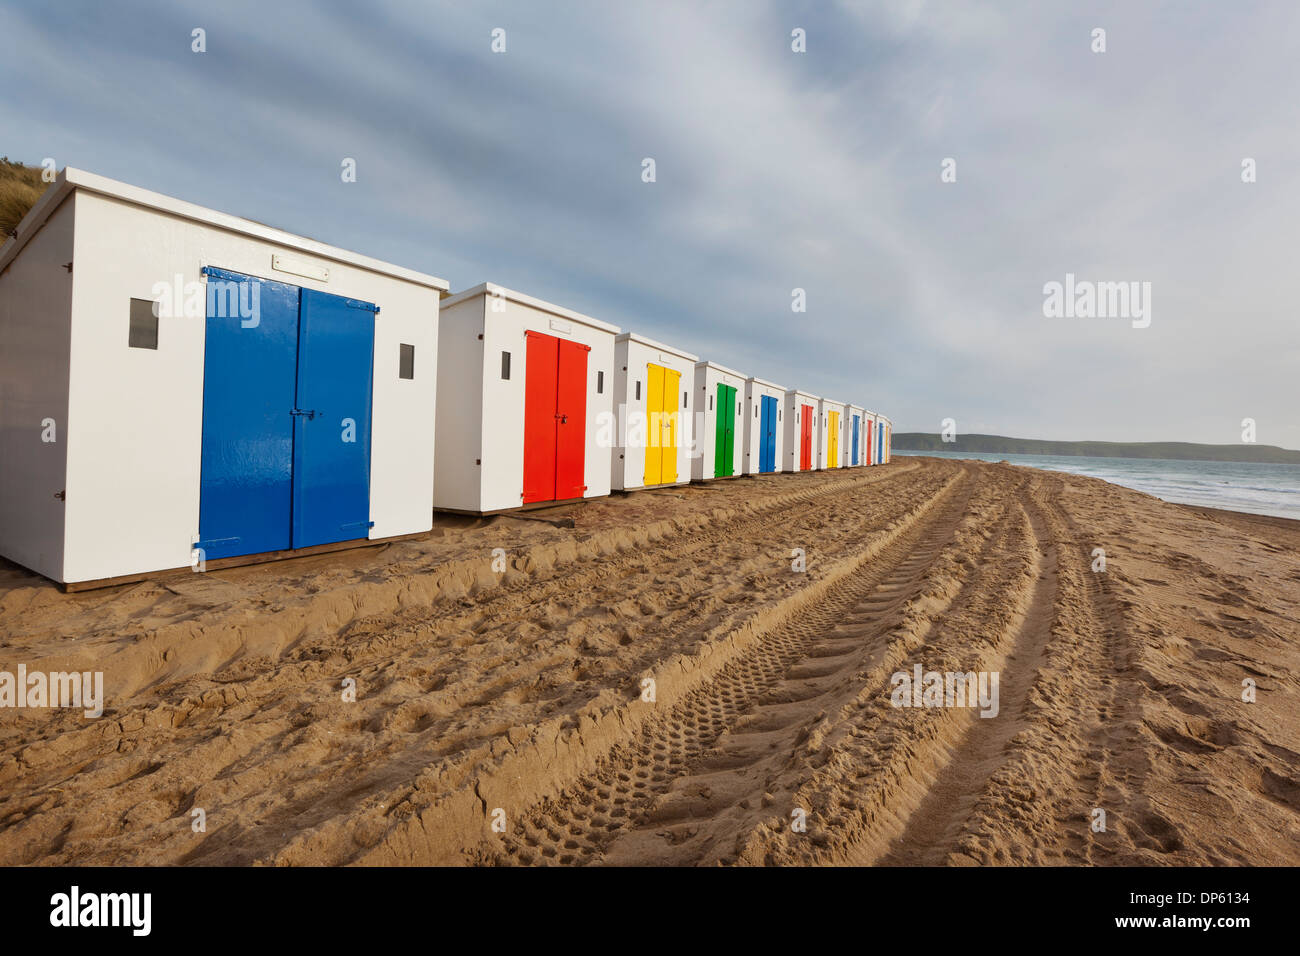 Spiaggia di capanne in una fila su Woolacombe Sands in North Devon, Regno Unito. Immagini Stock